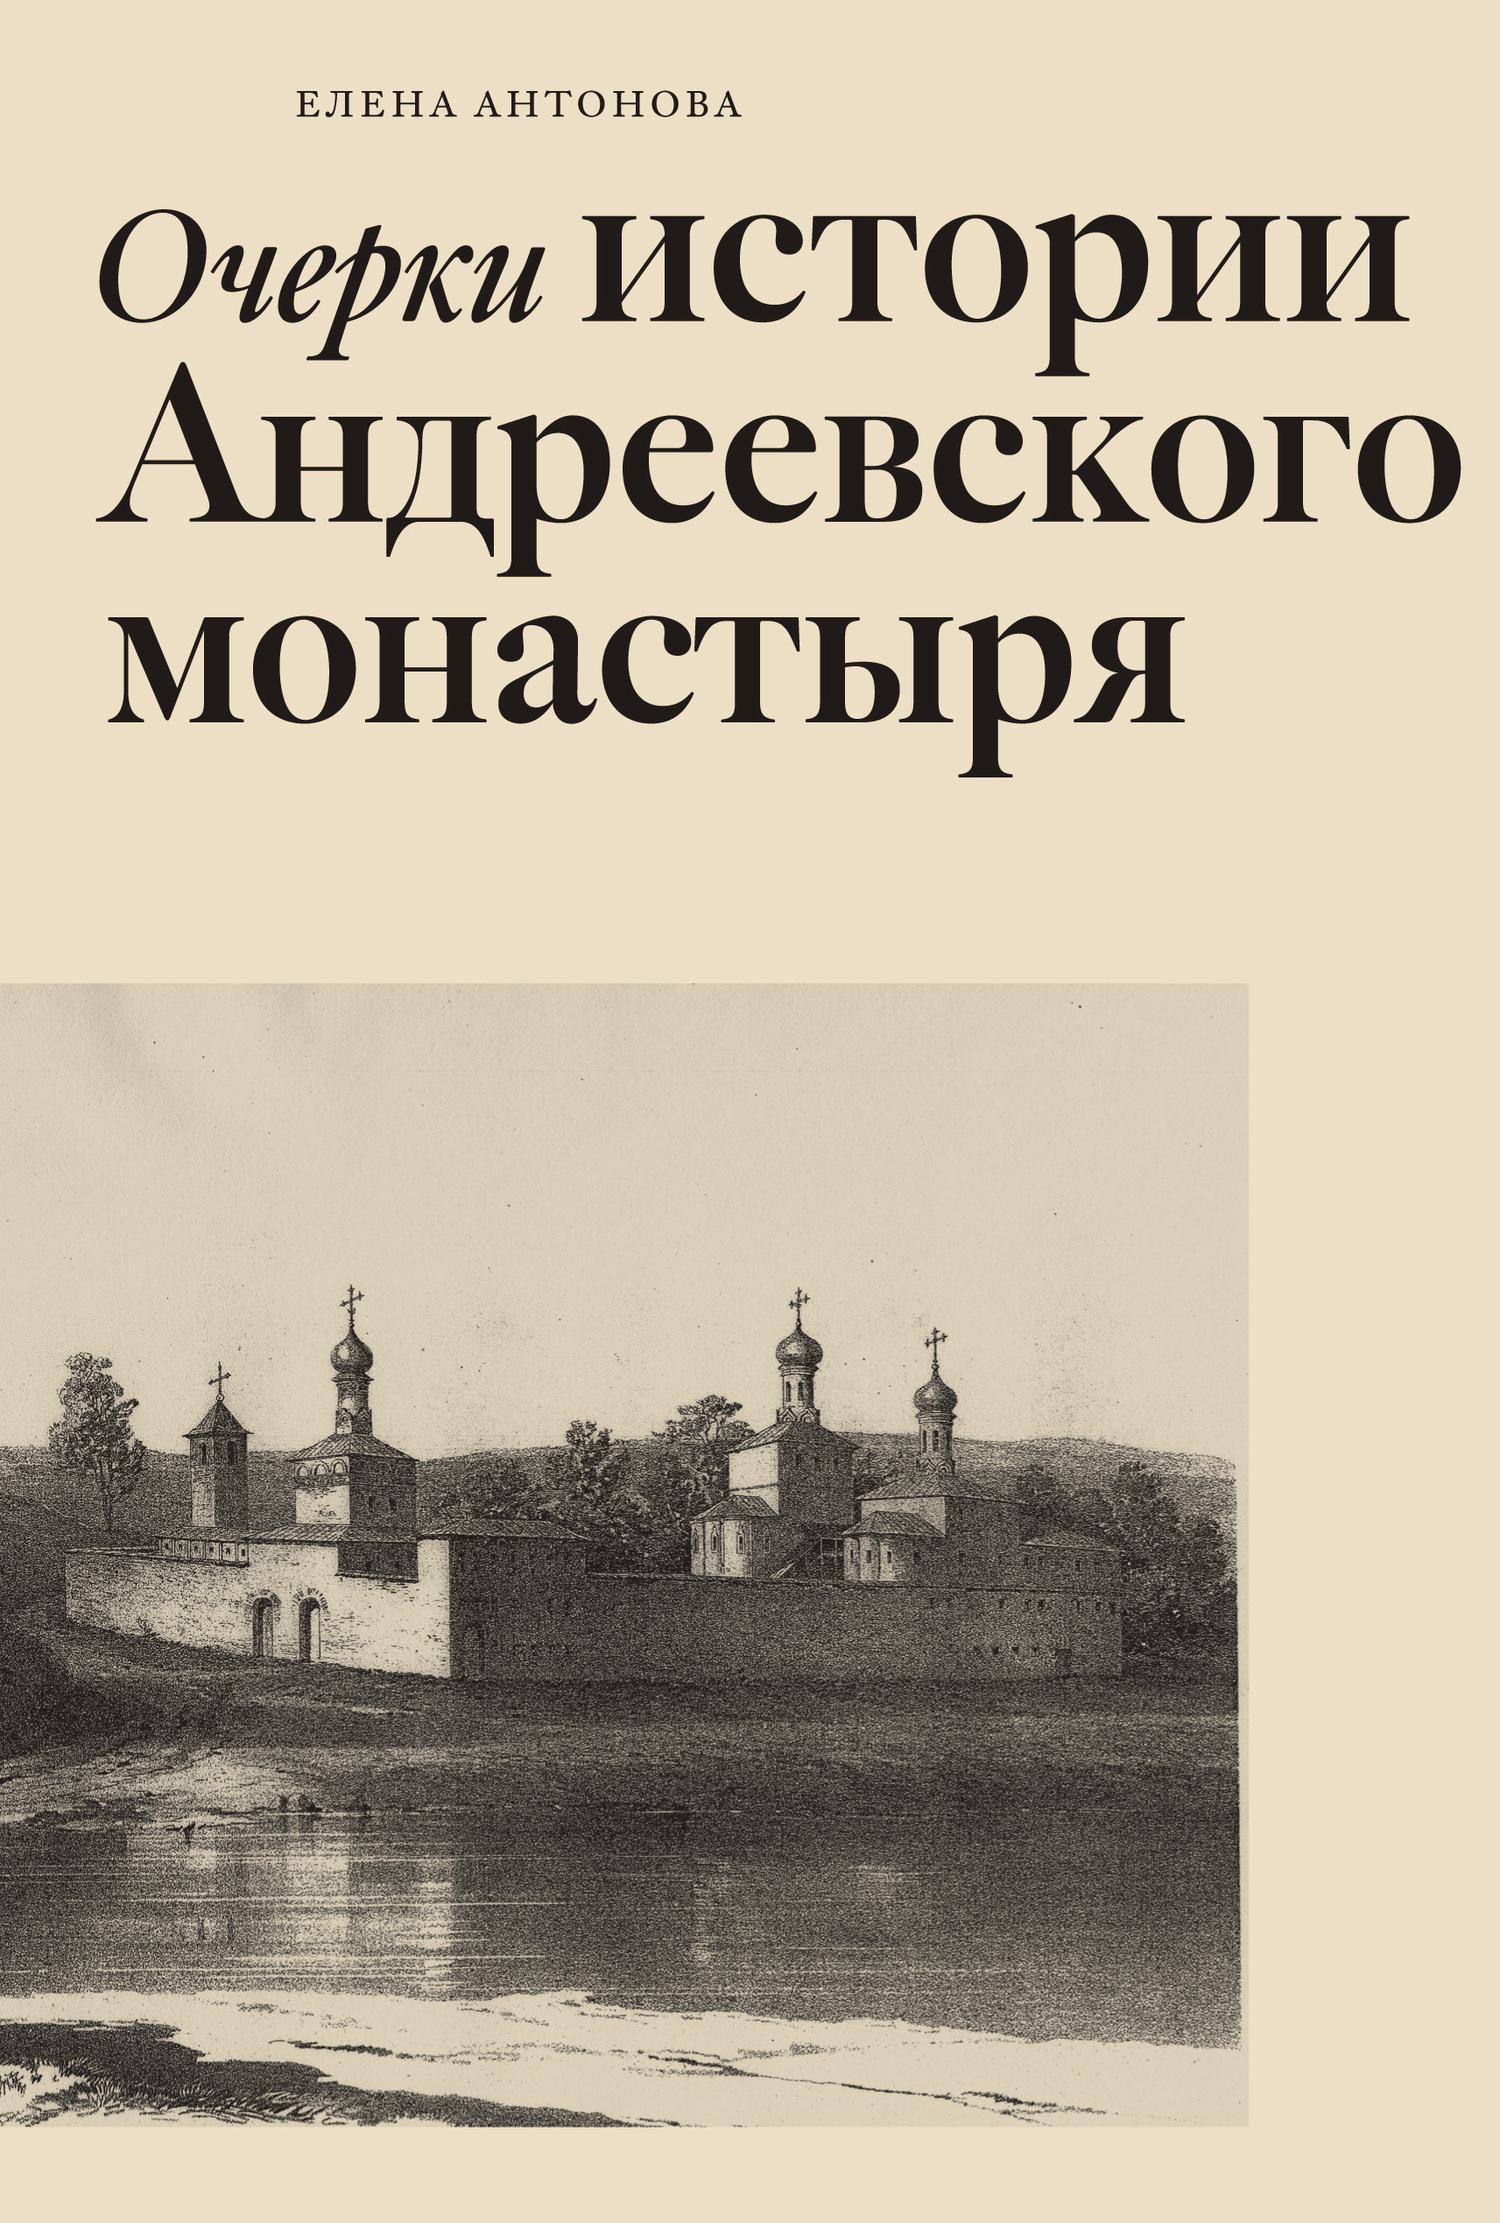 Елена Антонова. Очерки истории Андреевского монастыря